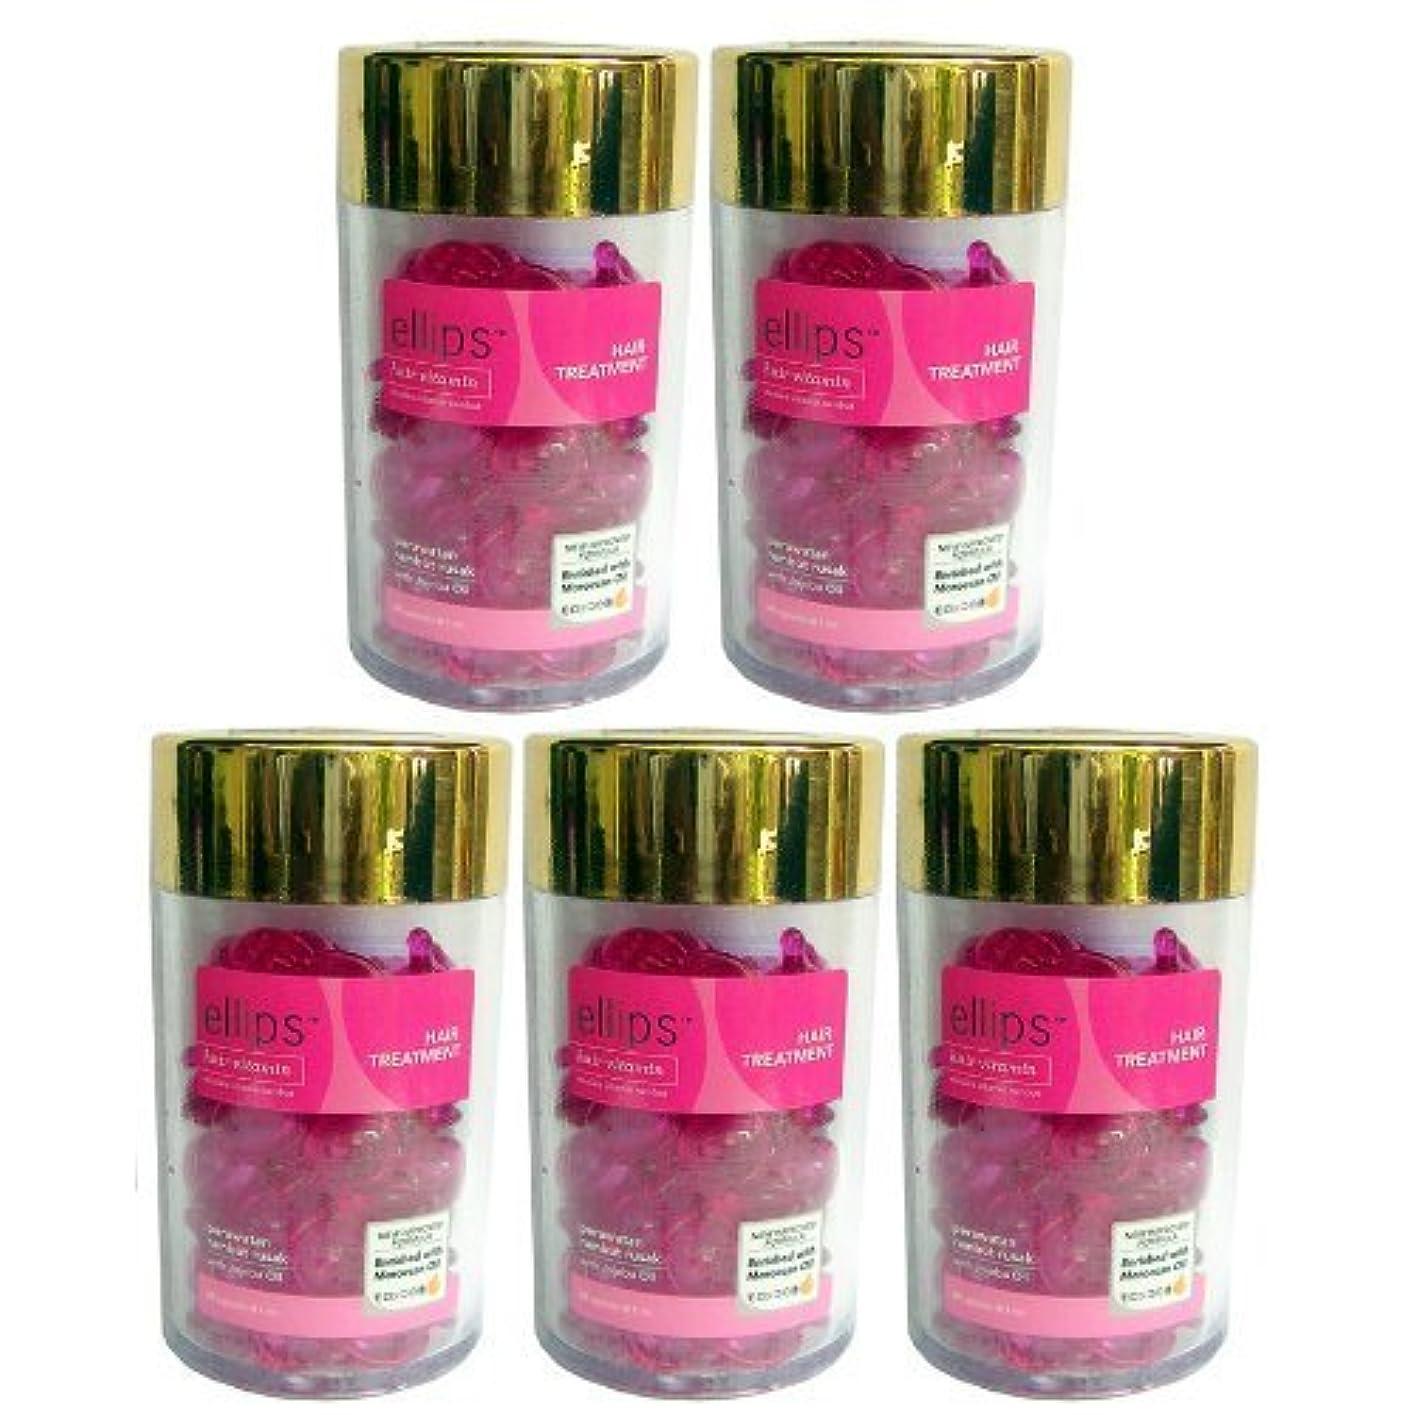 協力する月曜日騒ぎエリップス ellips ヘアビタミン洗い流さないヘアトリートメント(並行輸入品) (ピンク5本)